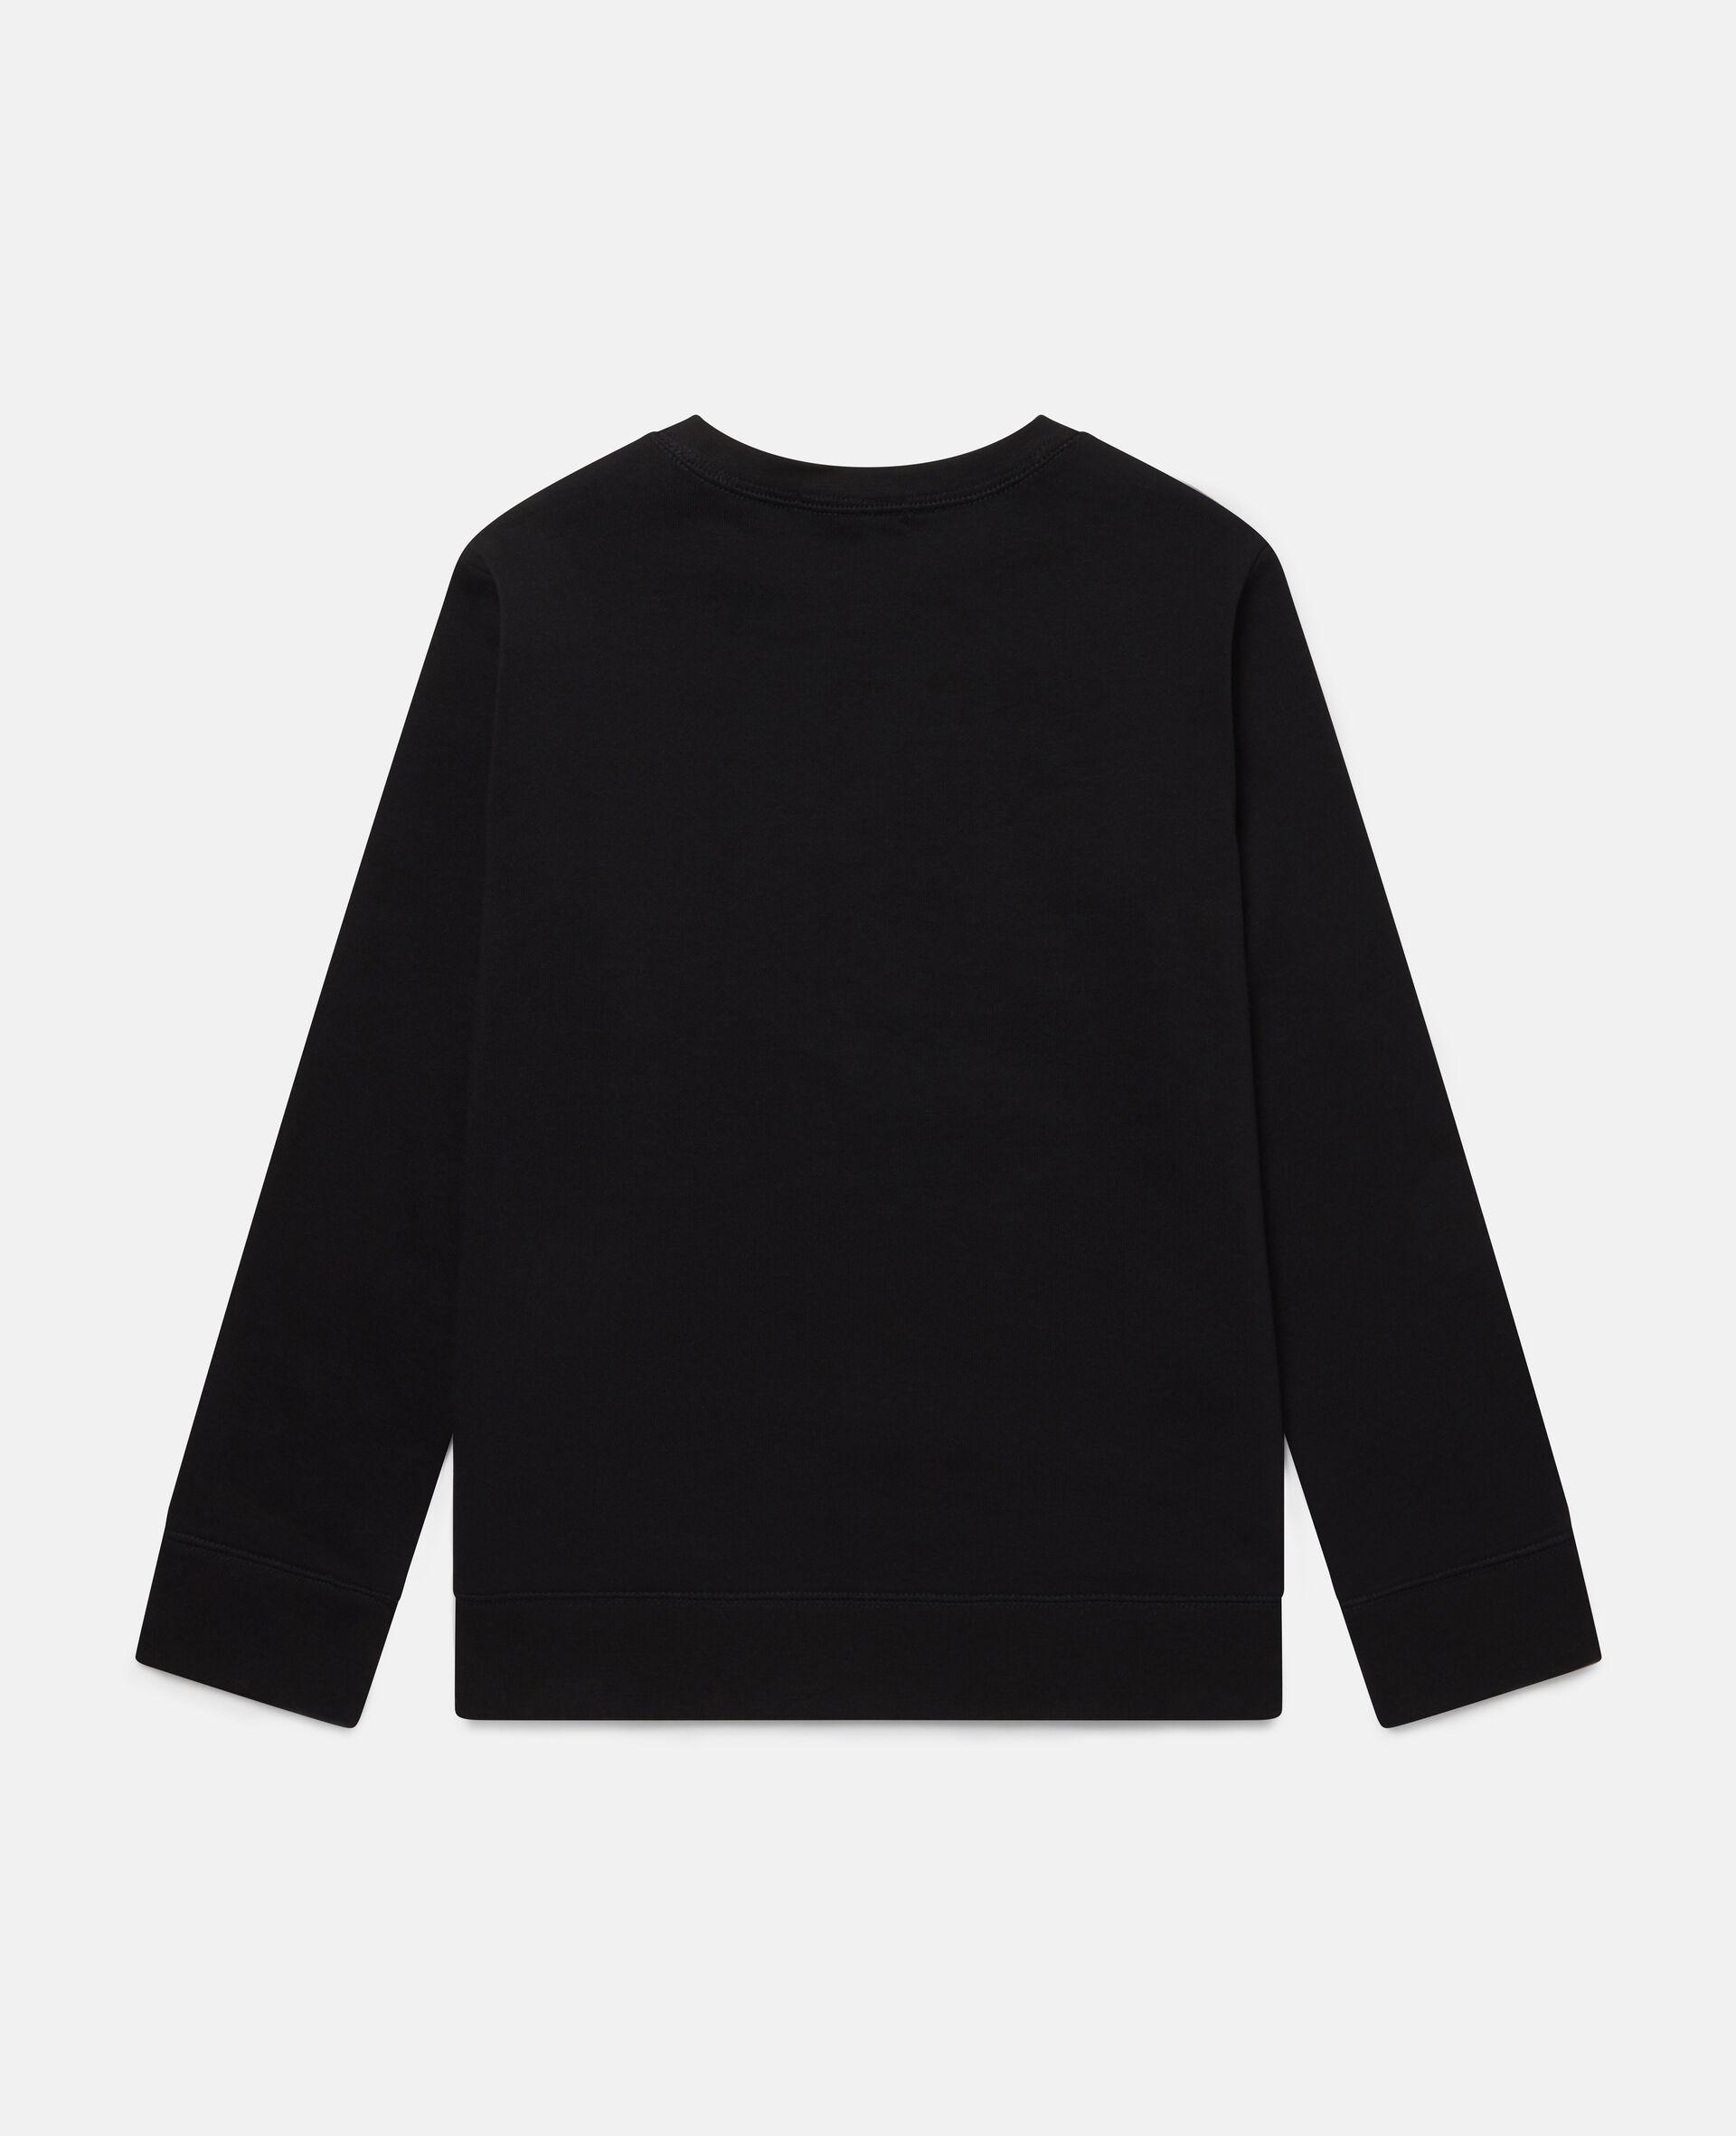 Sweat-shirt oversize en polaire de coton Fun -Noir-large image number 3